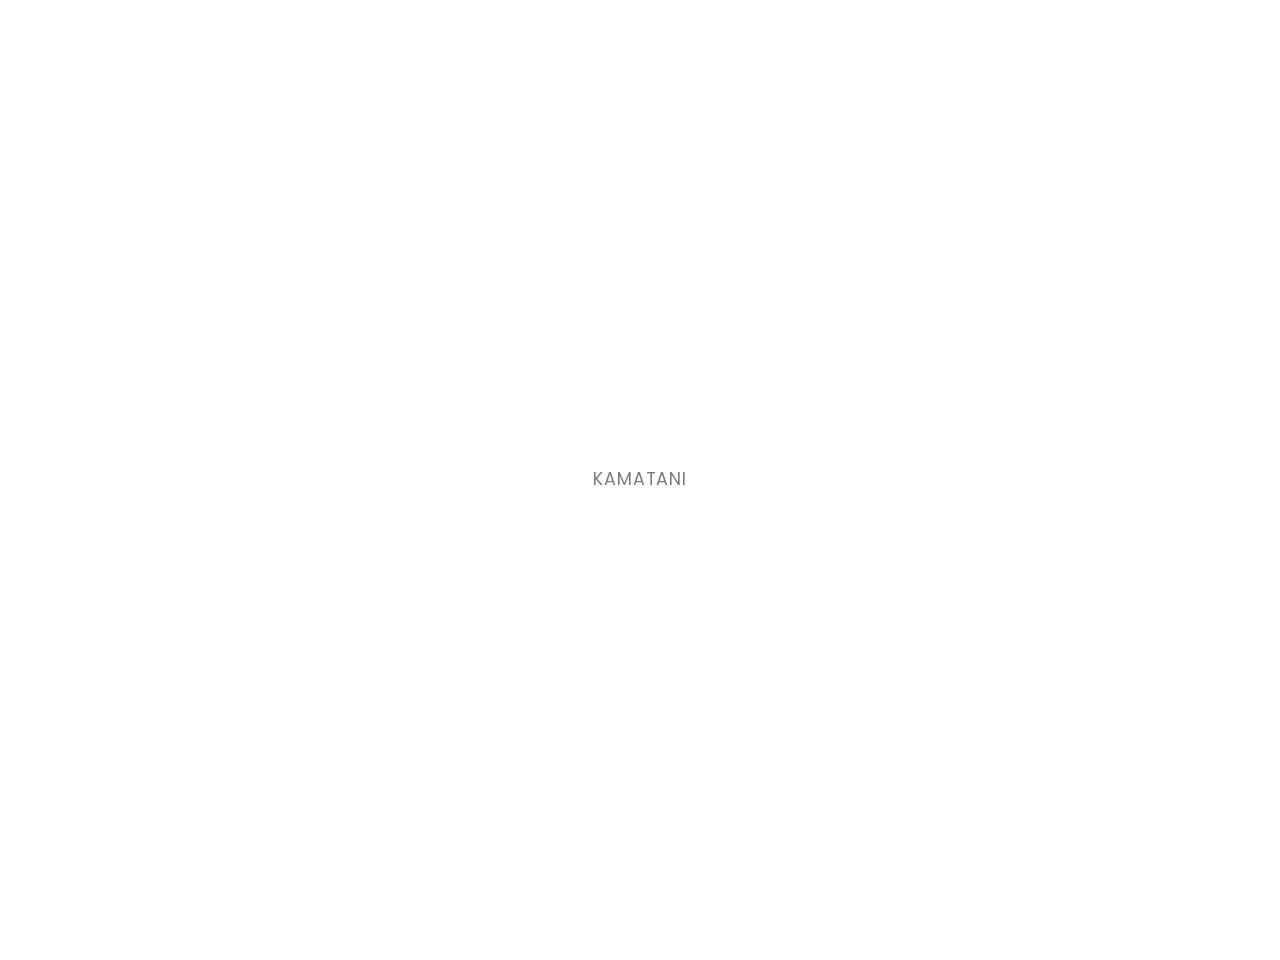 株式会社カマタニ/ユニフォーム課